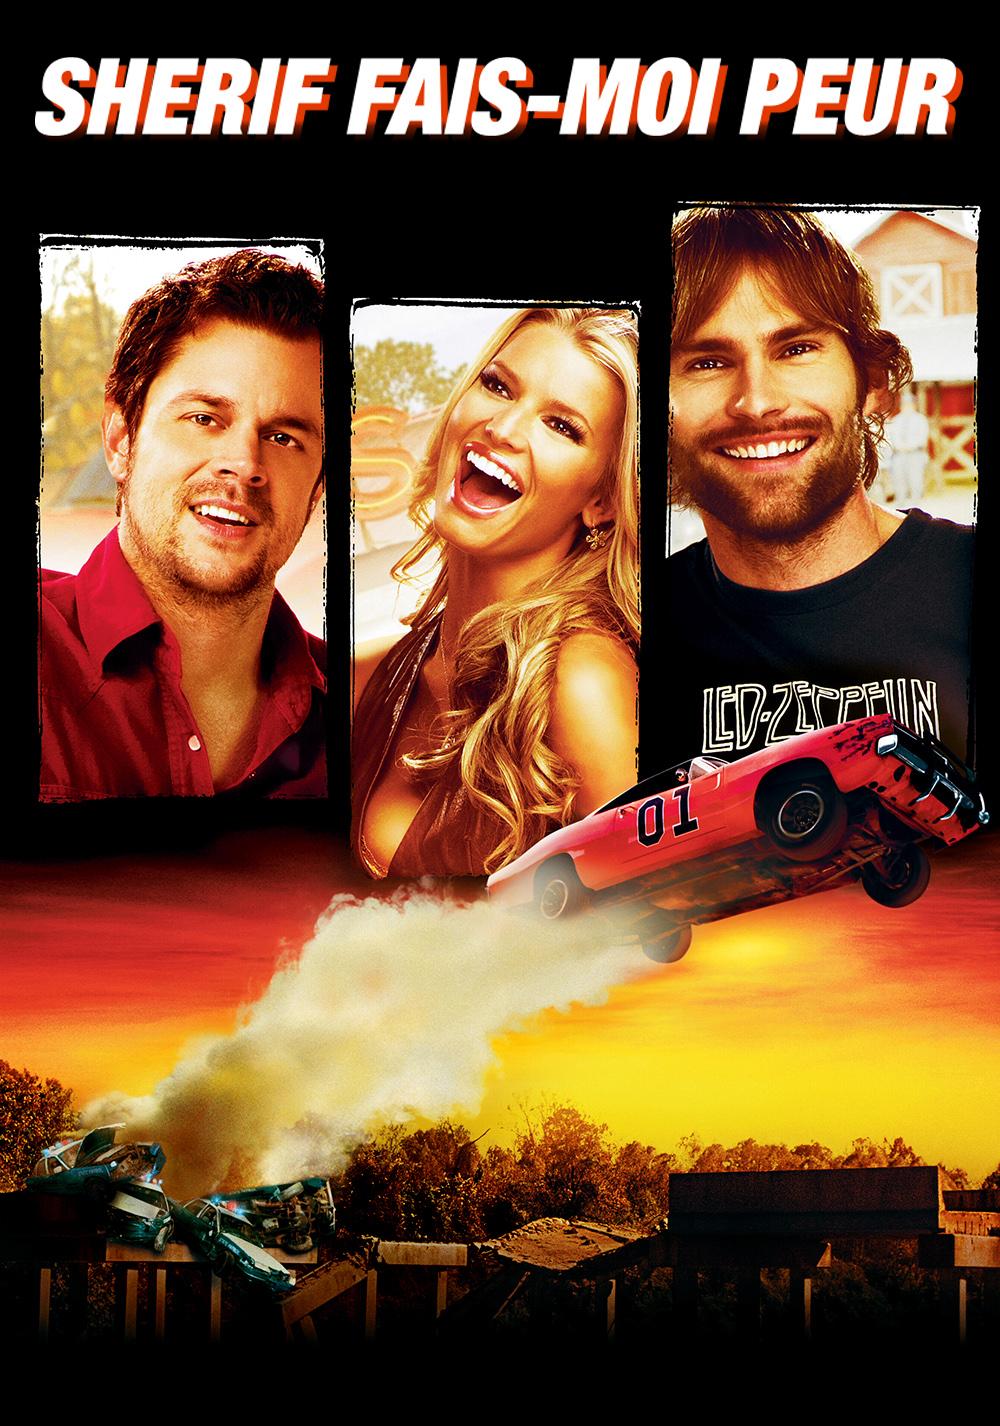 Придурки из хаззарда 2005 фильм смотреть онлайн бесплатно в hd.